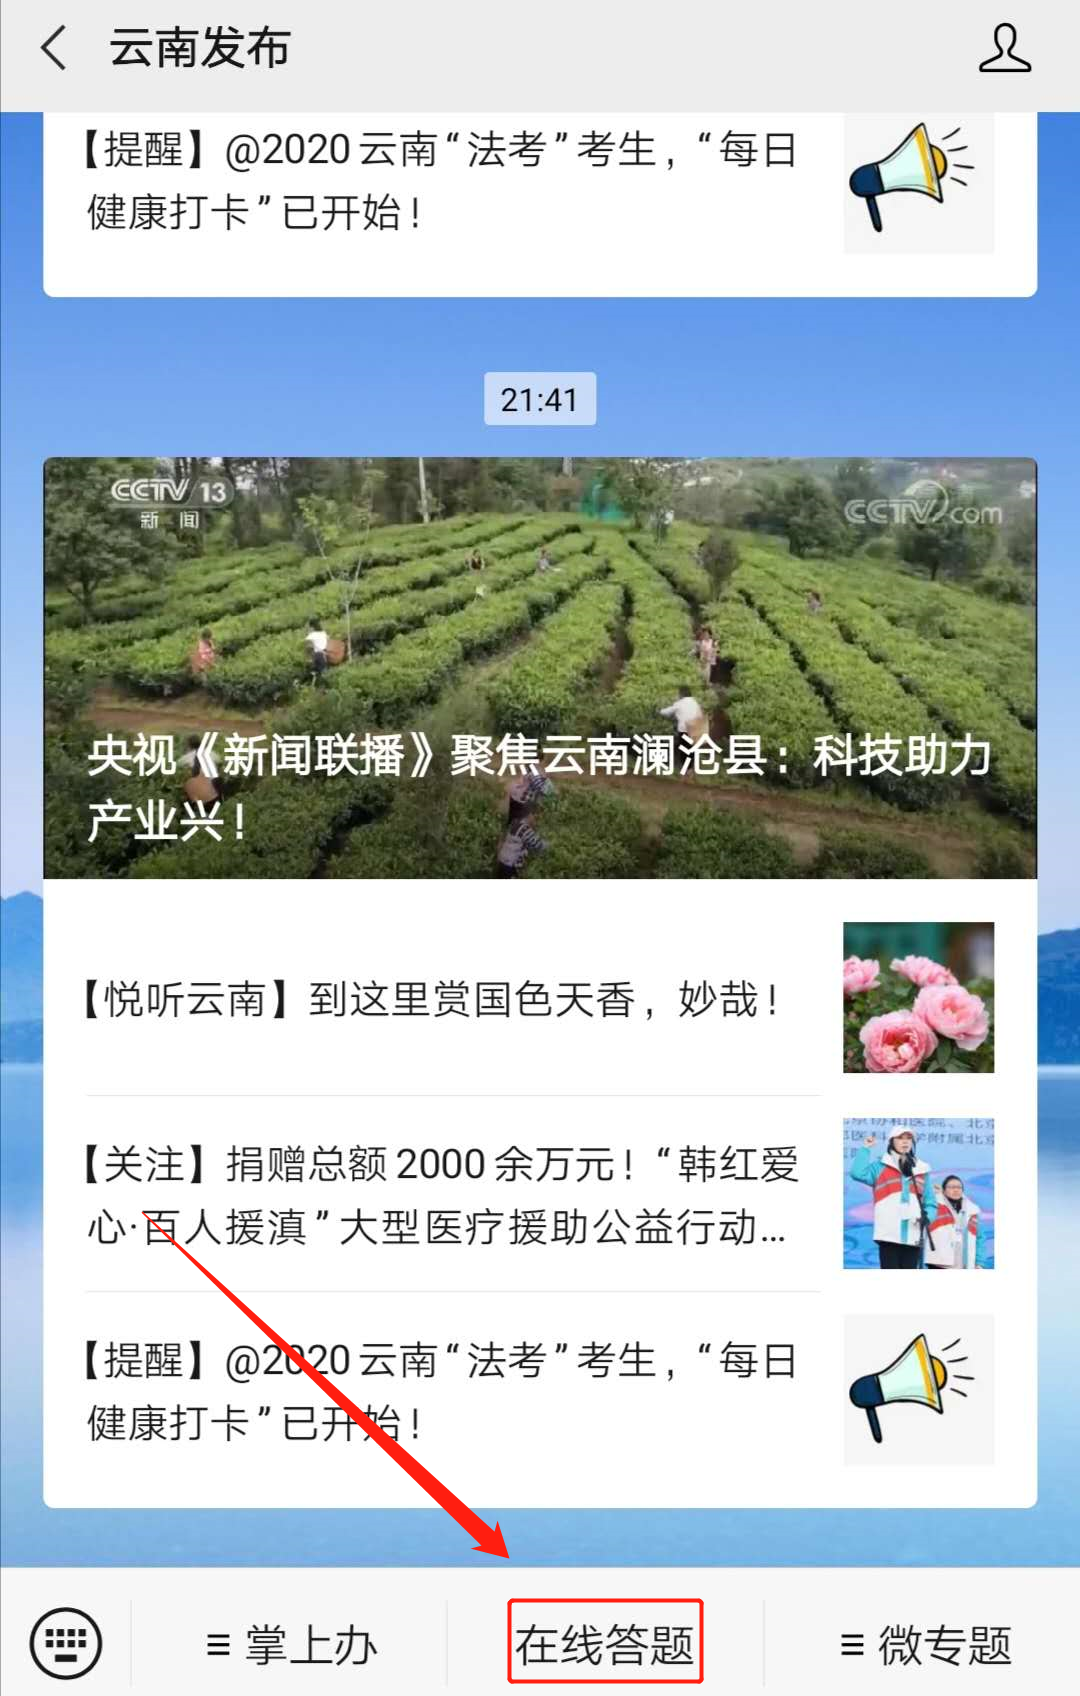 【关注】云南13户企业入选优质粮食工程重点示范信贷支持企业图片